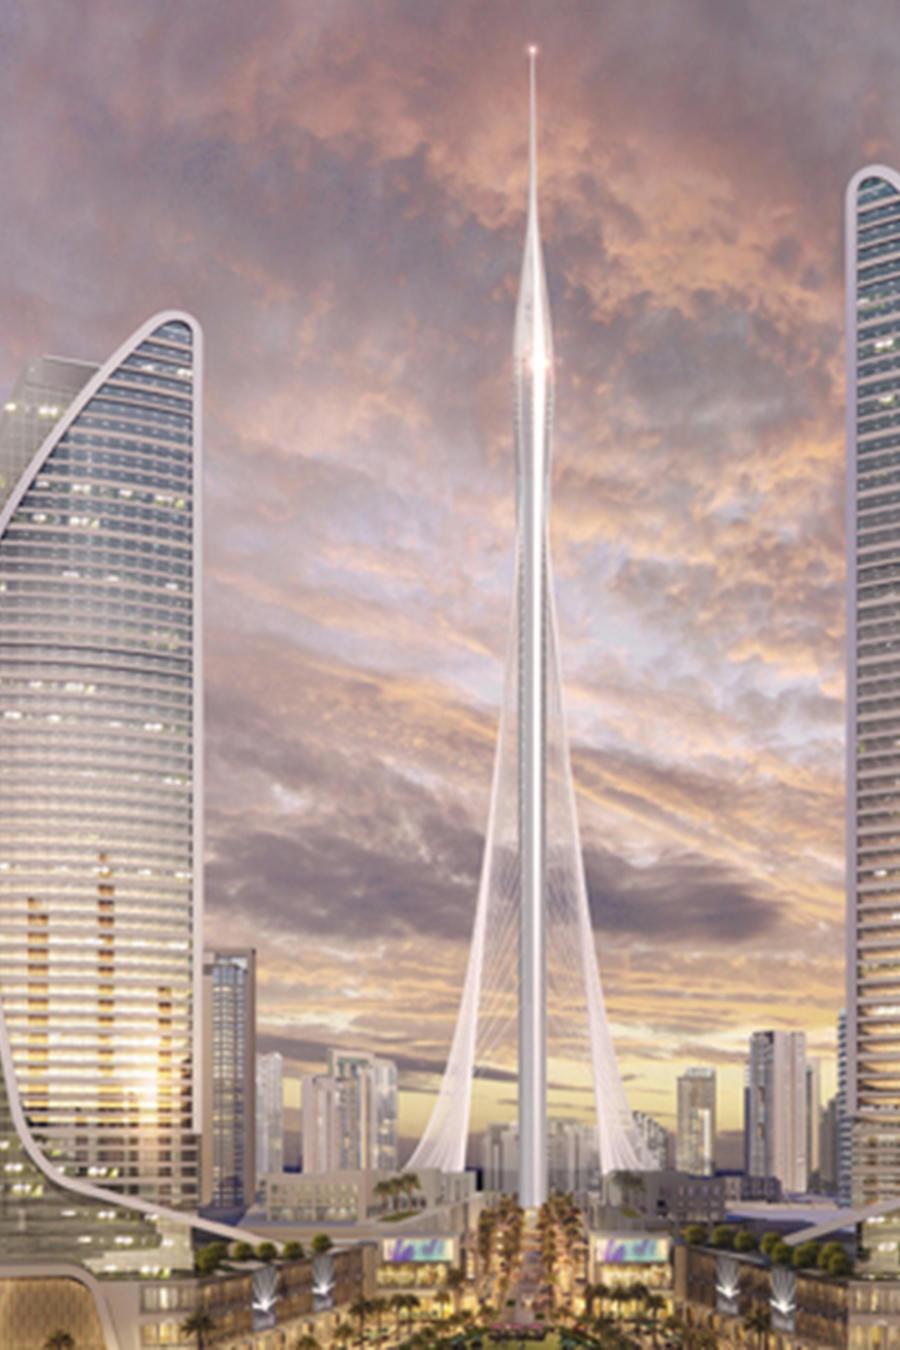 En el centro 'The Tower', la torre más alta del mundo cuya construcción empezará en Junio de este año en el 'Dubai Creek Harbour' en Dubai.